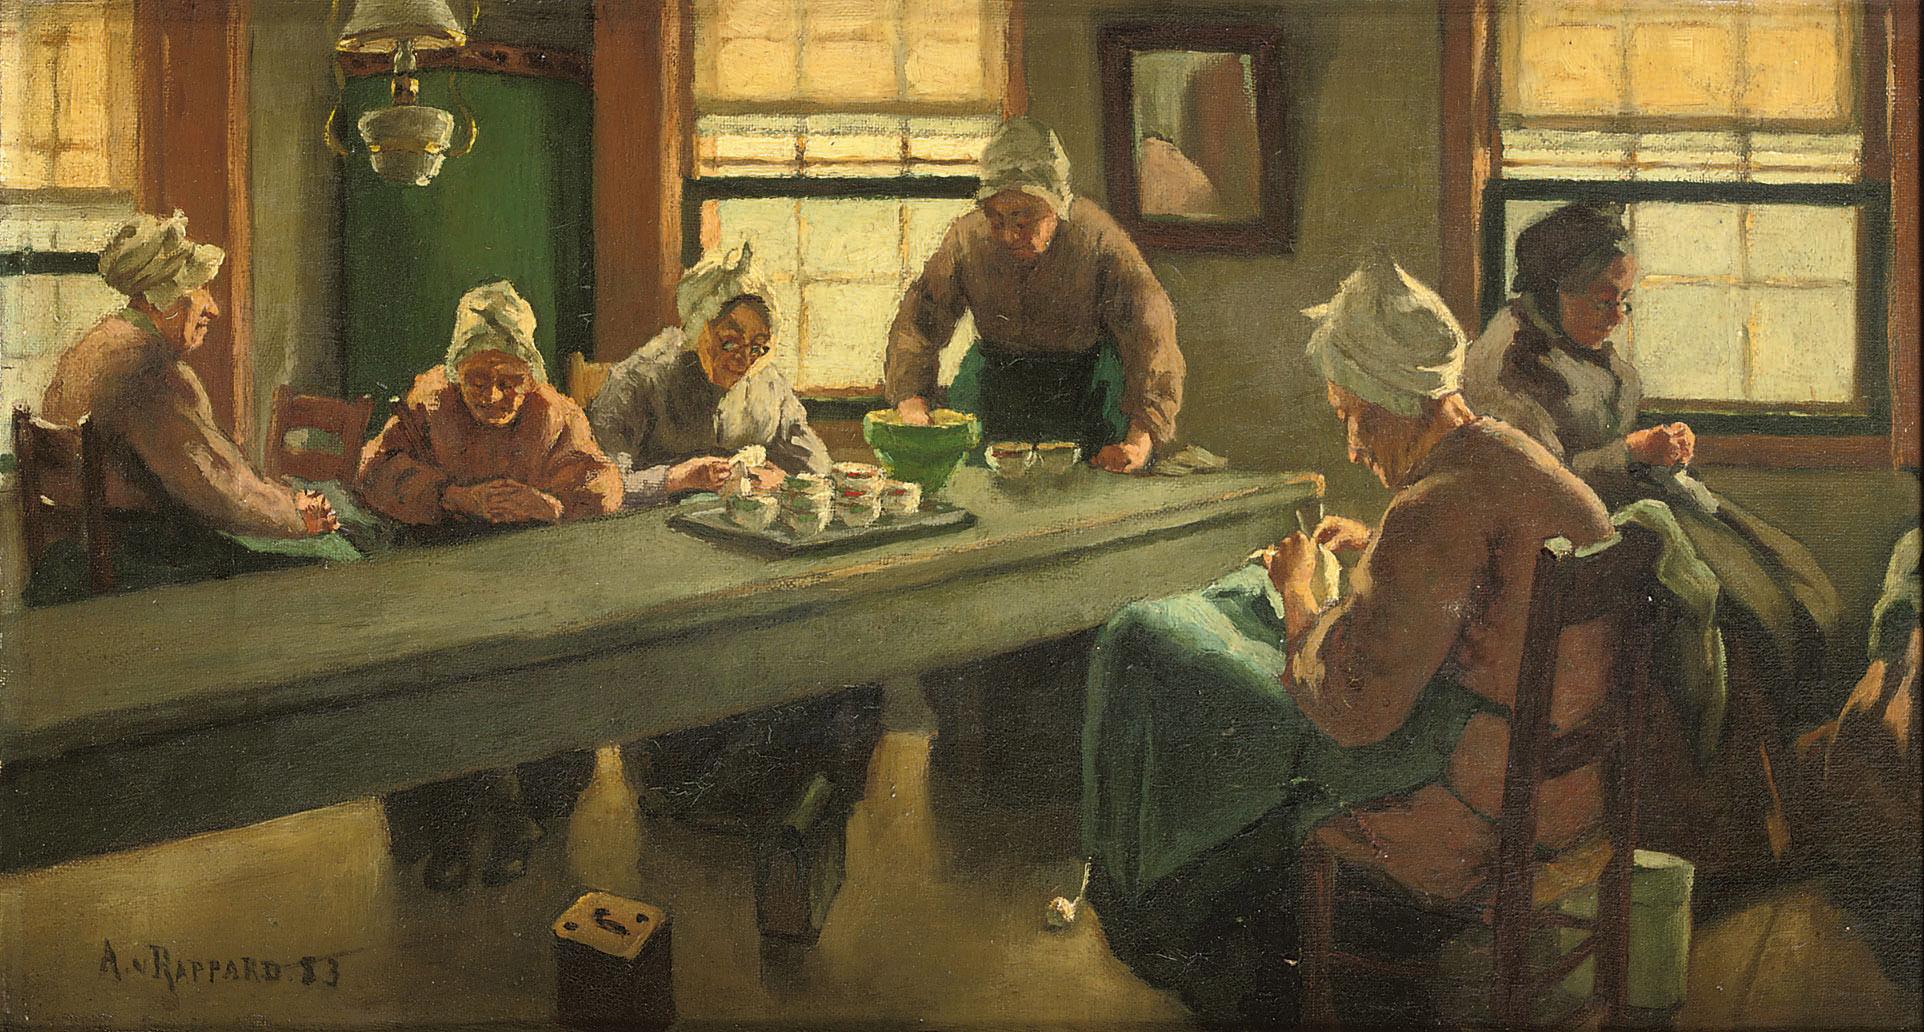 アントン・ファン・ラッパルト『ウェスト=テルスへリングの老婦たちの家』